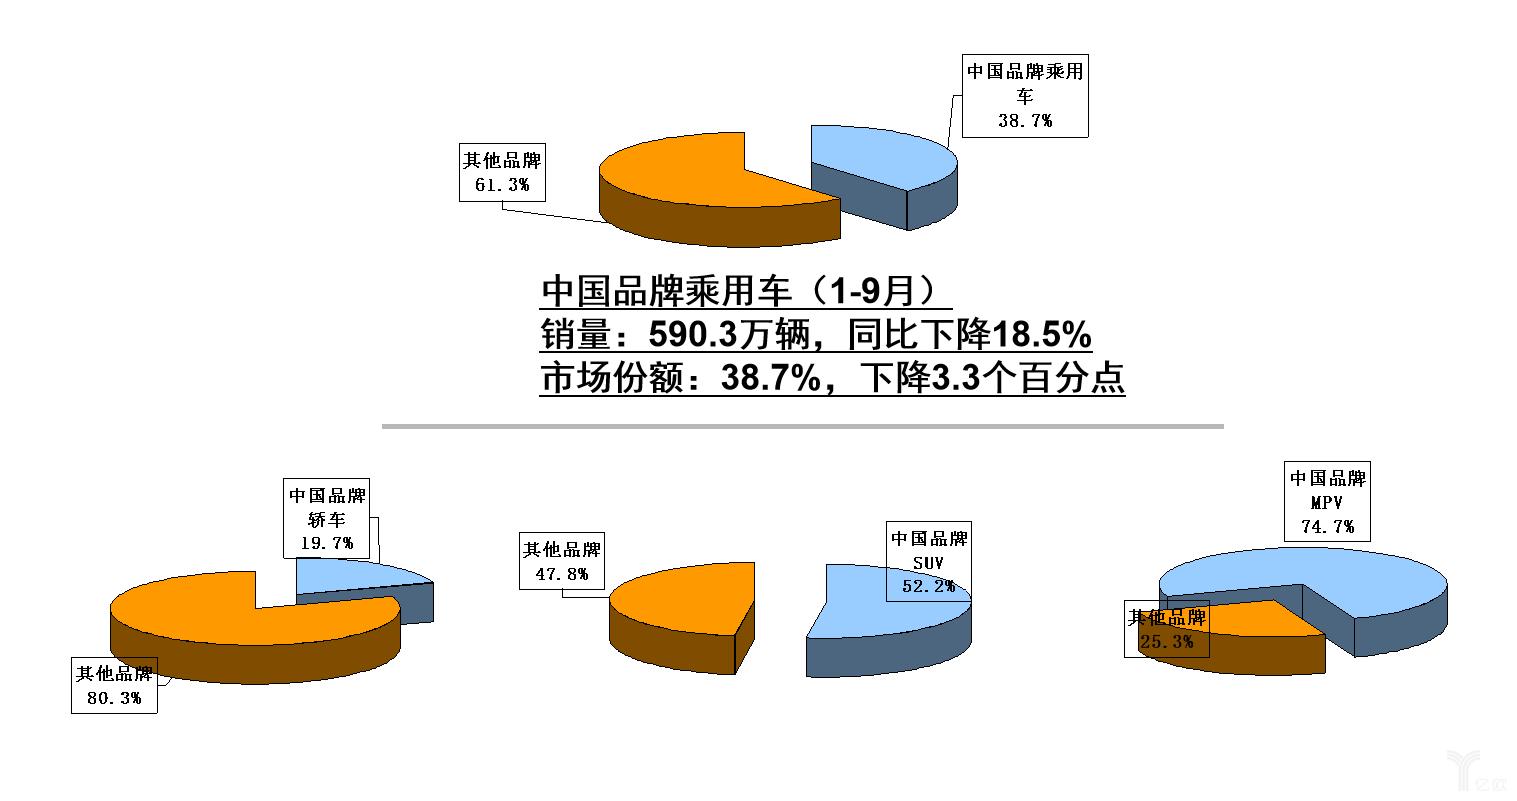 1-9月中国品牌乘用车销量与市场份额统计